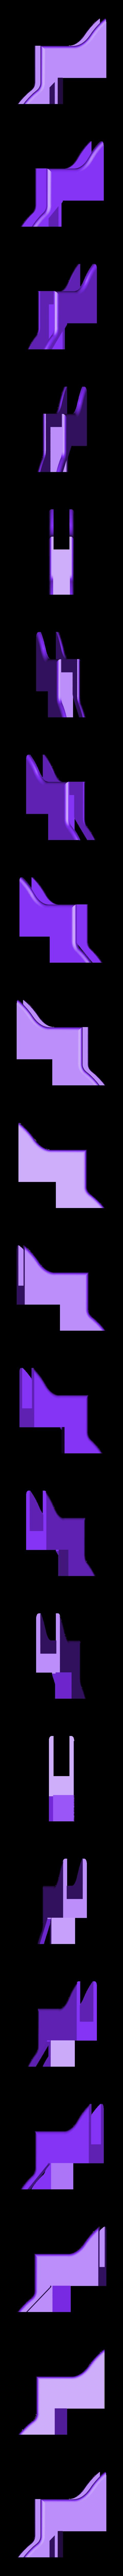 Hinge Left.STL Télécharger fichier STL gratuit Poitrine de Foerris • Objet pour imprimante 3D, Foerris